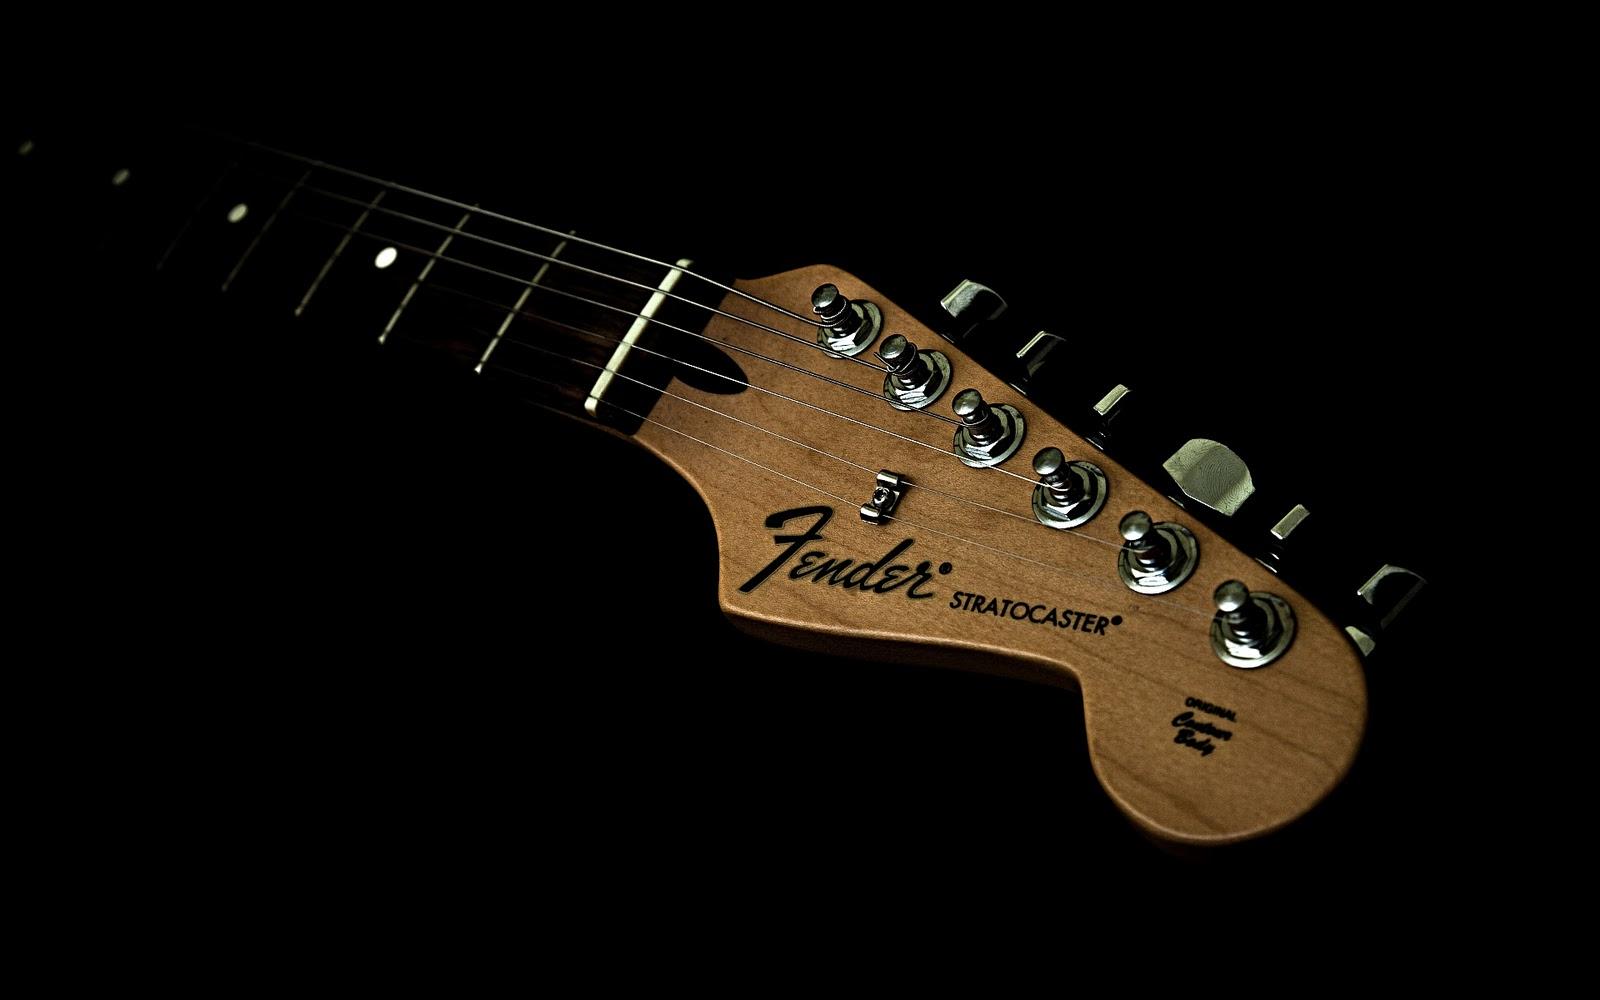 http://4.bp.blogspot.com/-YWf0k4__dTM/TV_ixmm7REI/AAAAAAAAAT8/dSZ4tWZYuhs/s1600/Fender+Stratocaster+Headstock+Head+Strings+Tuners+Neck+Music+Desktop+H